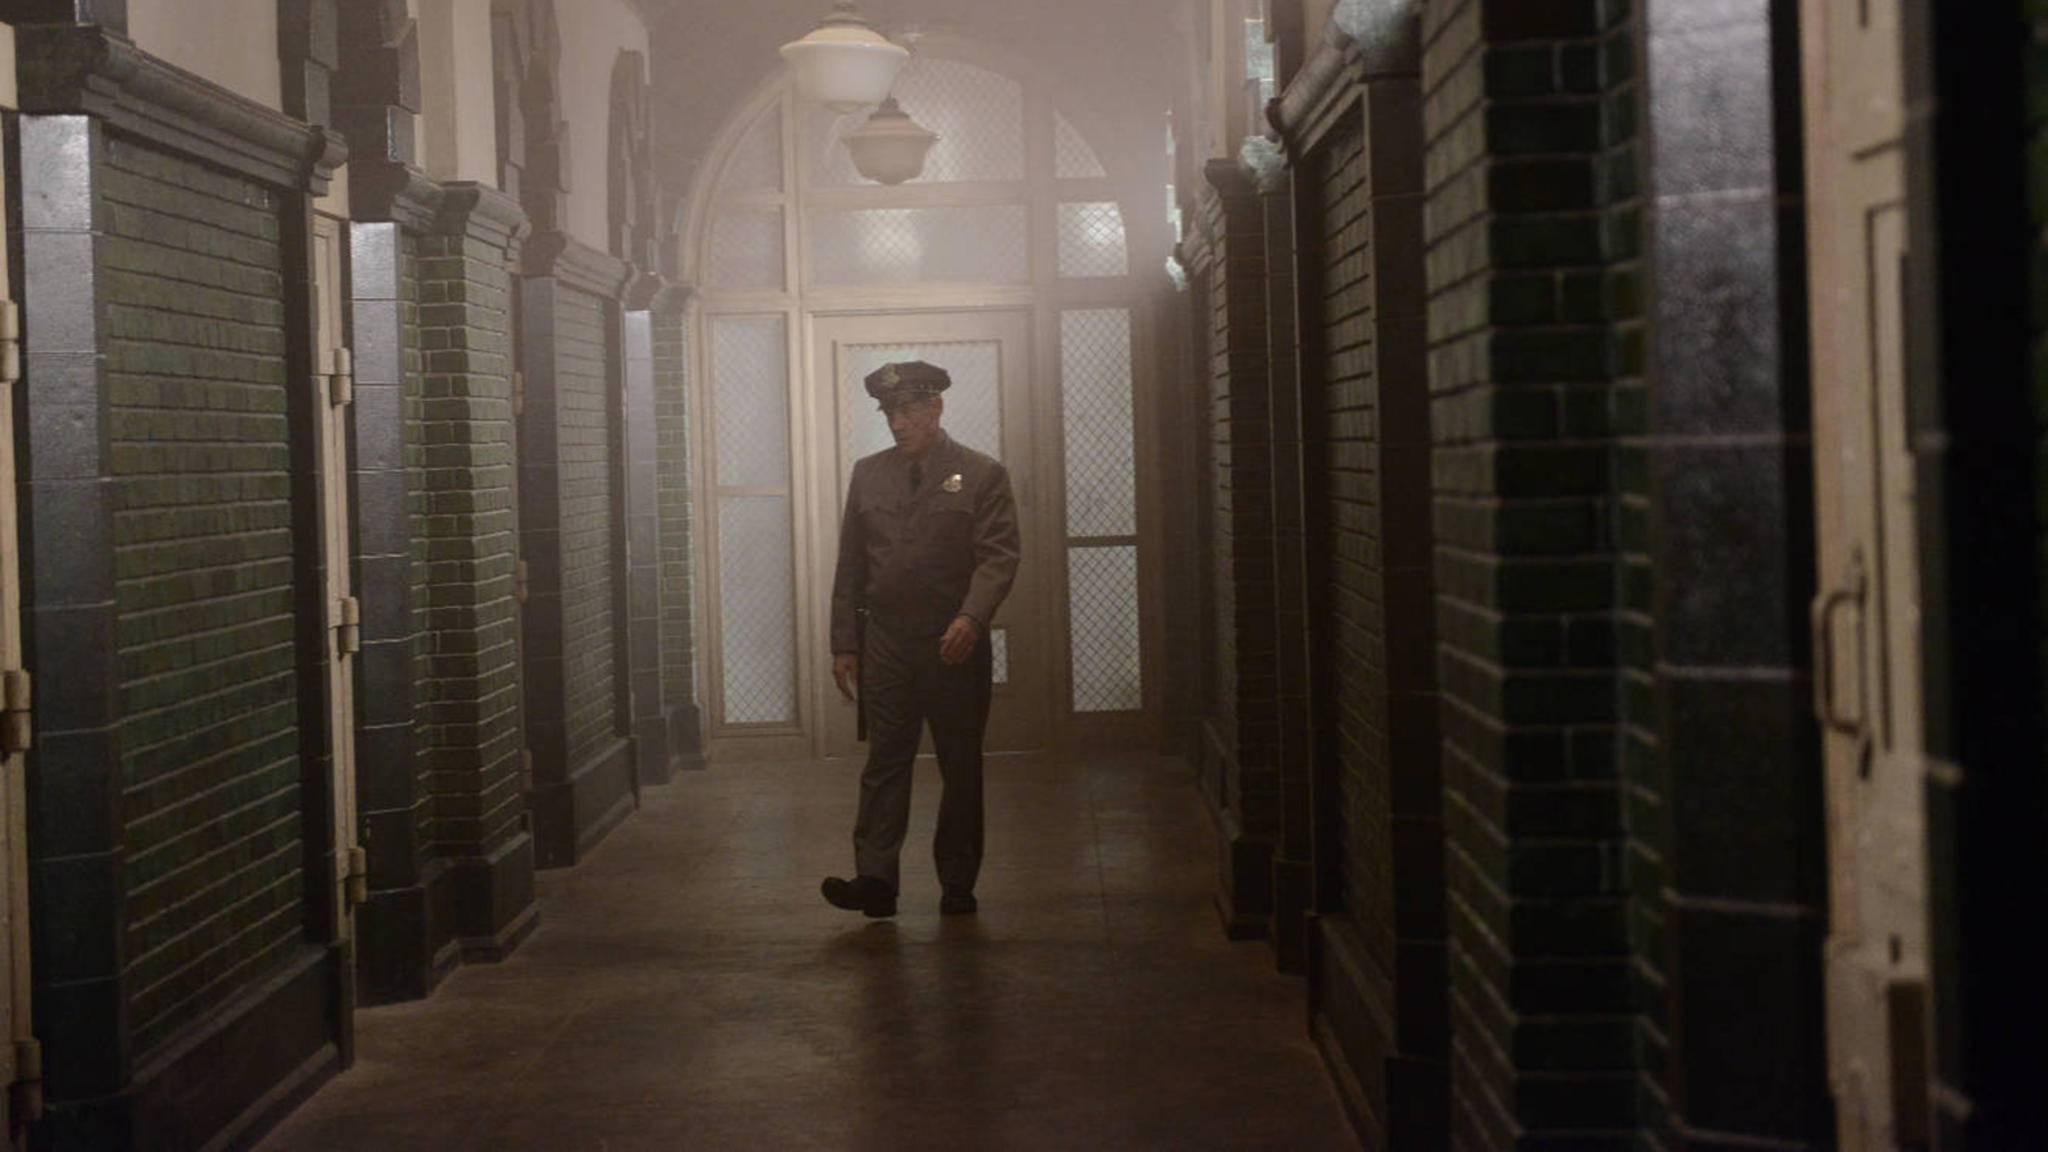 Verlassene Gänge und psychopathische Wärter: Nervenheilanstalten im Film sind nichts für schwache Nerven.